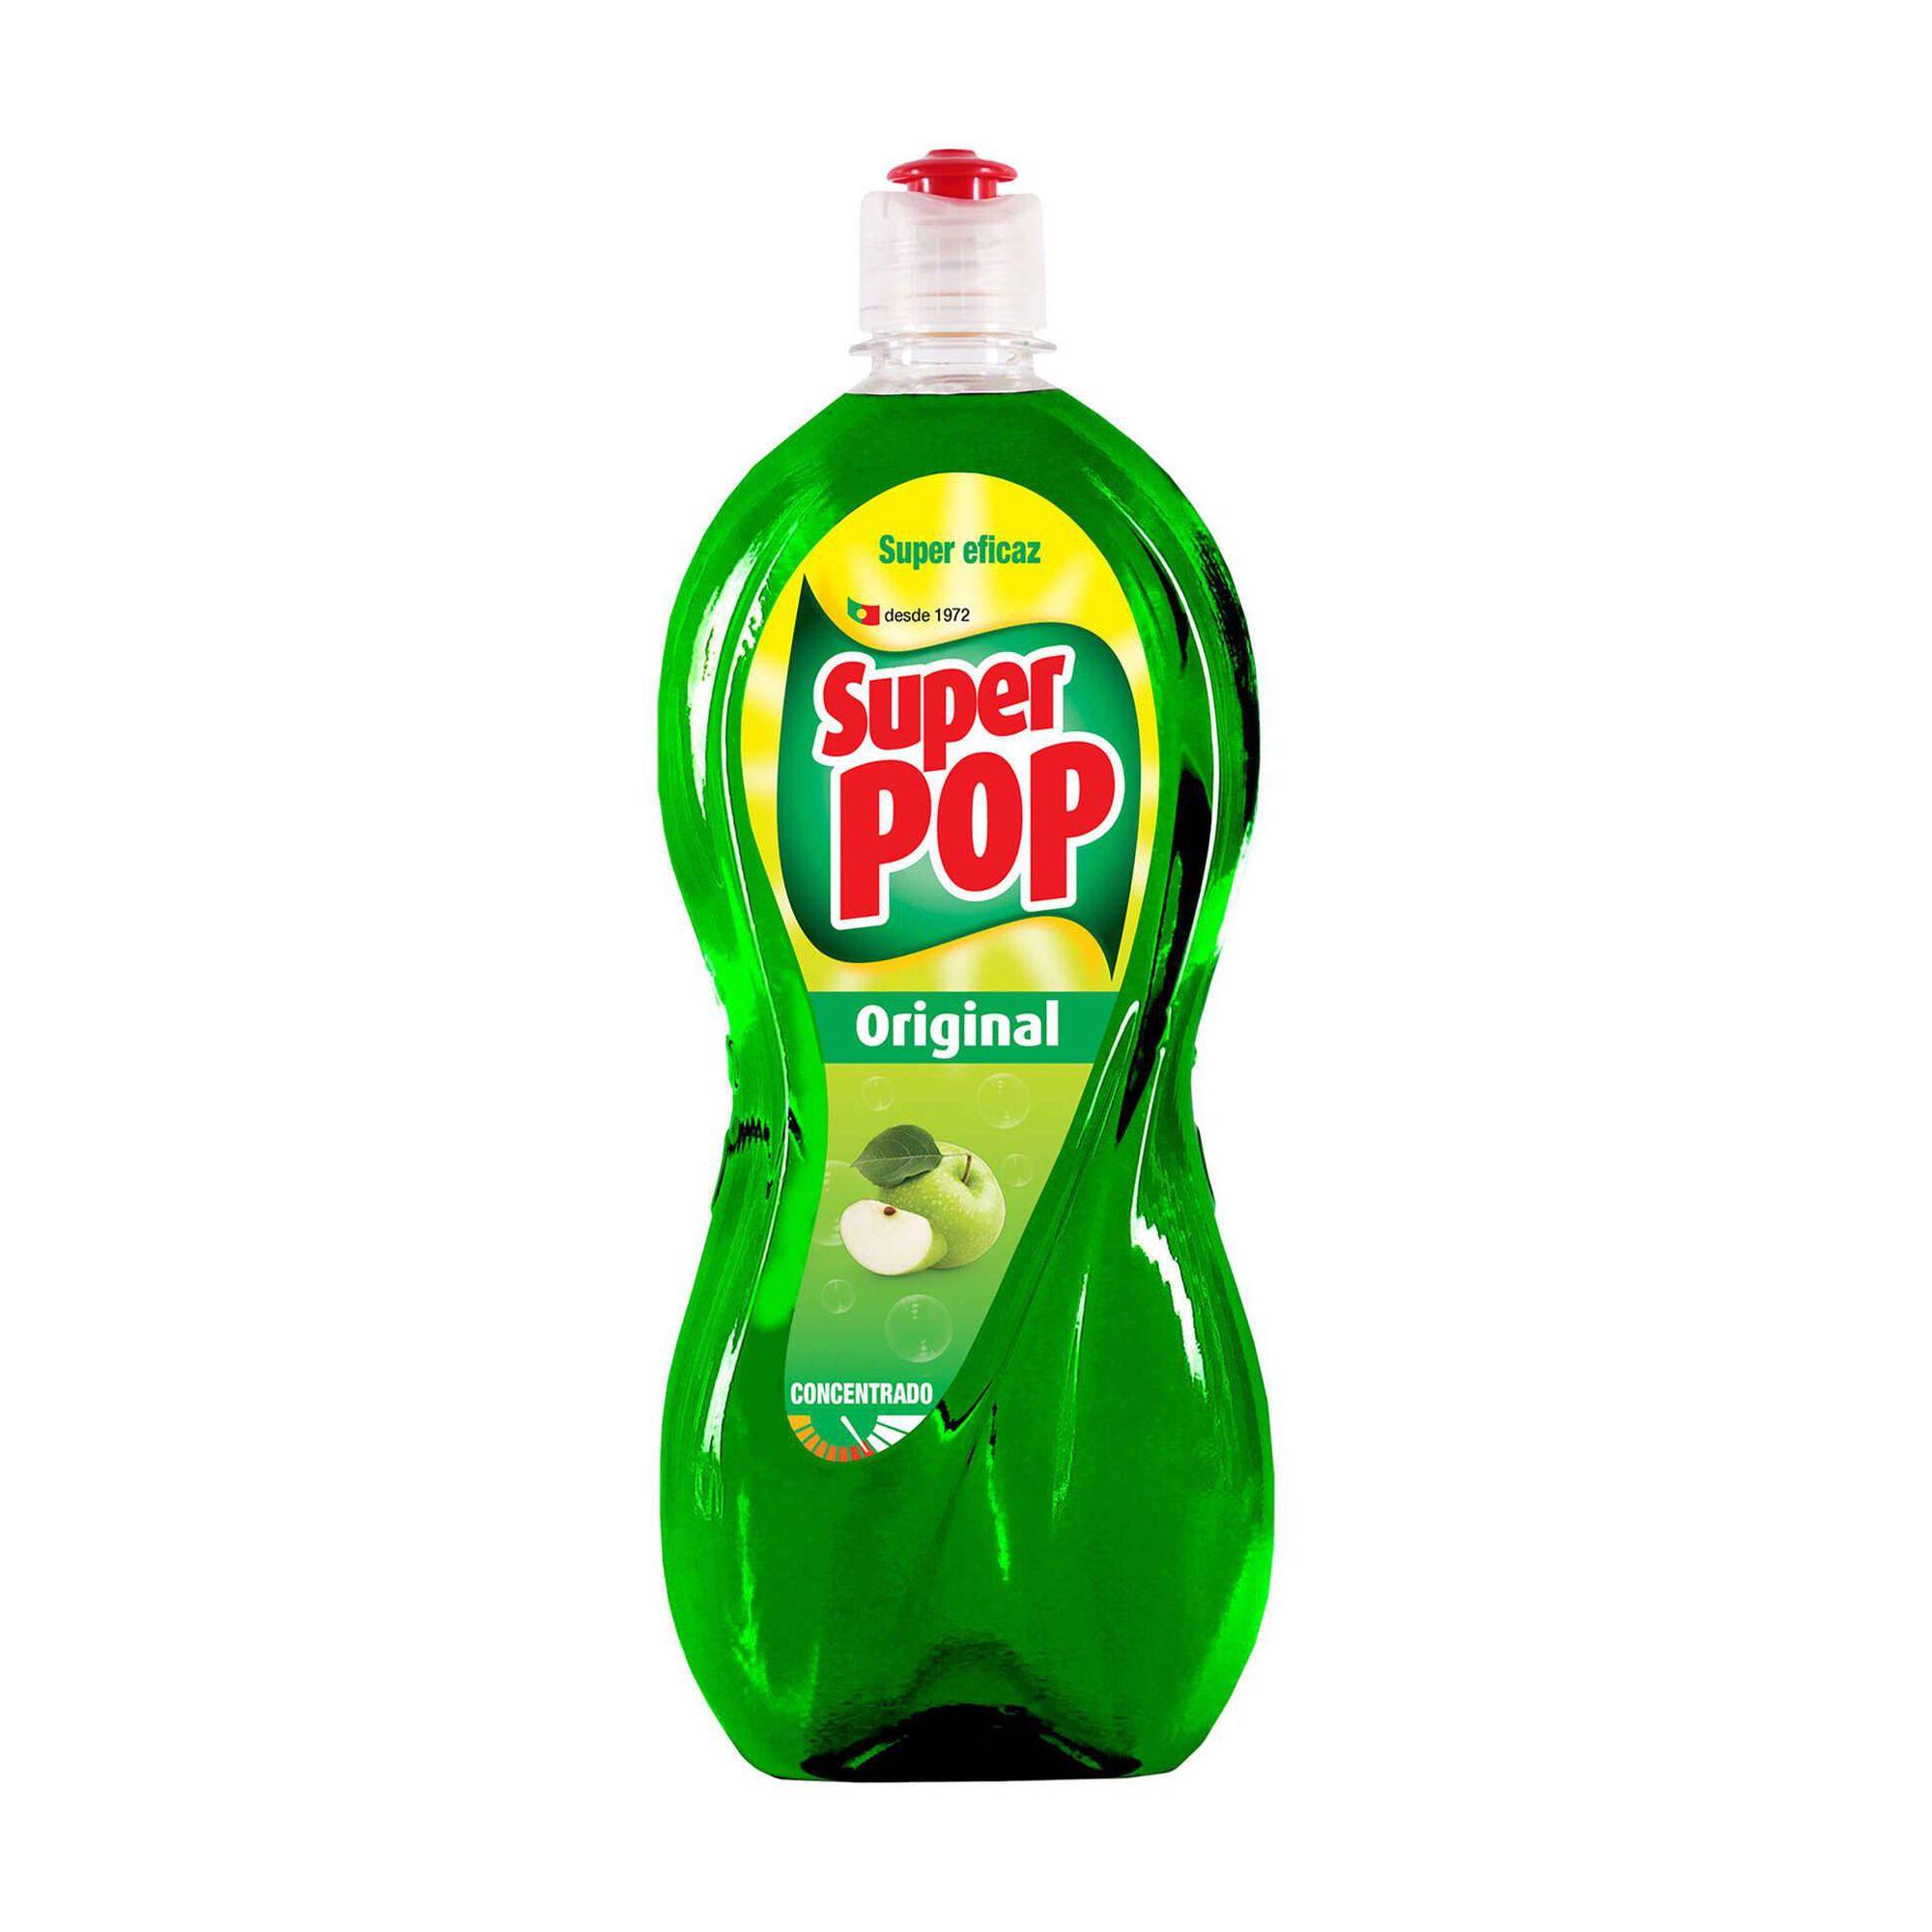 Detergente Manual Loiça Maçã